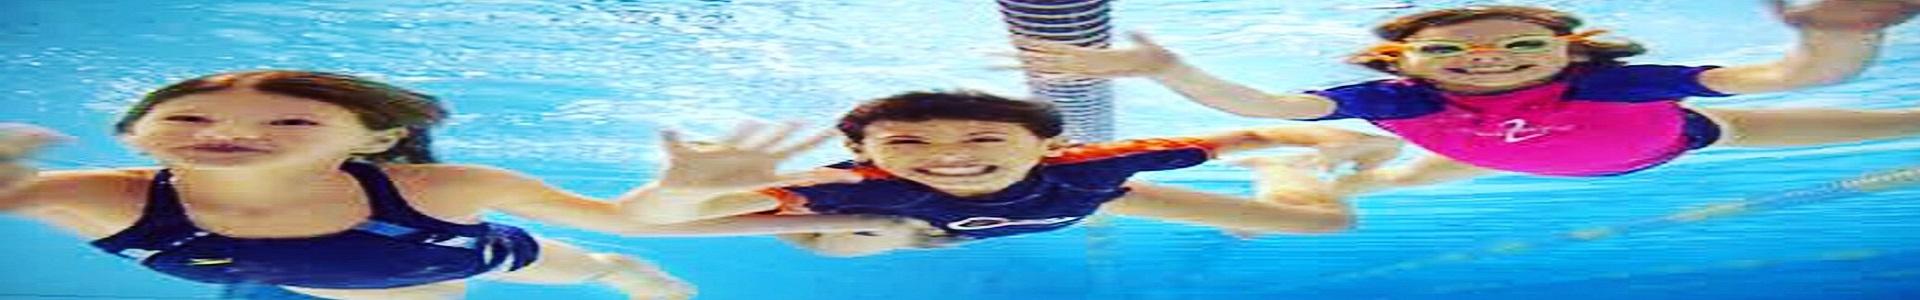 ExtraOffre Sport Banner Kids Bikinis Swimwear Category